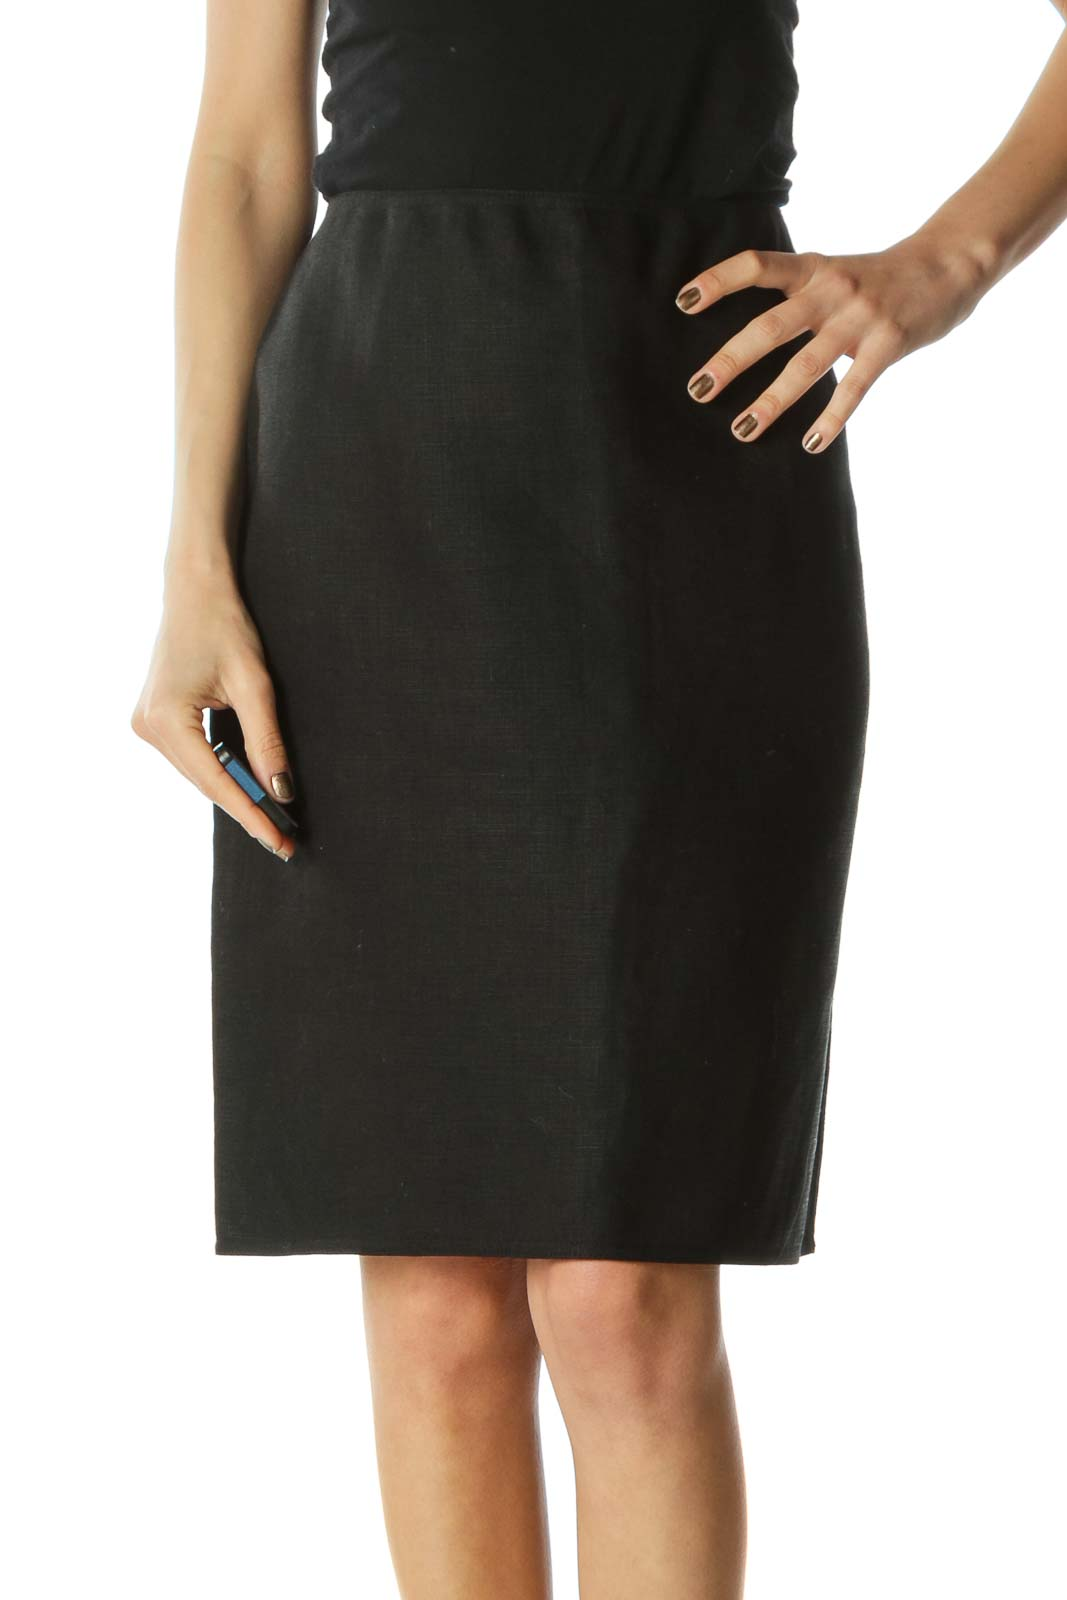 Black A-Line Textured Skirt